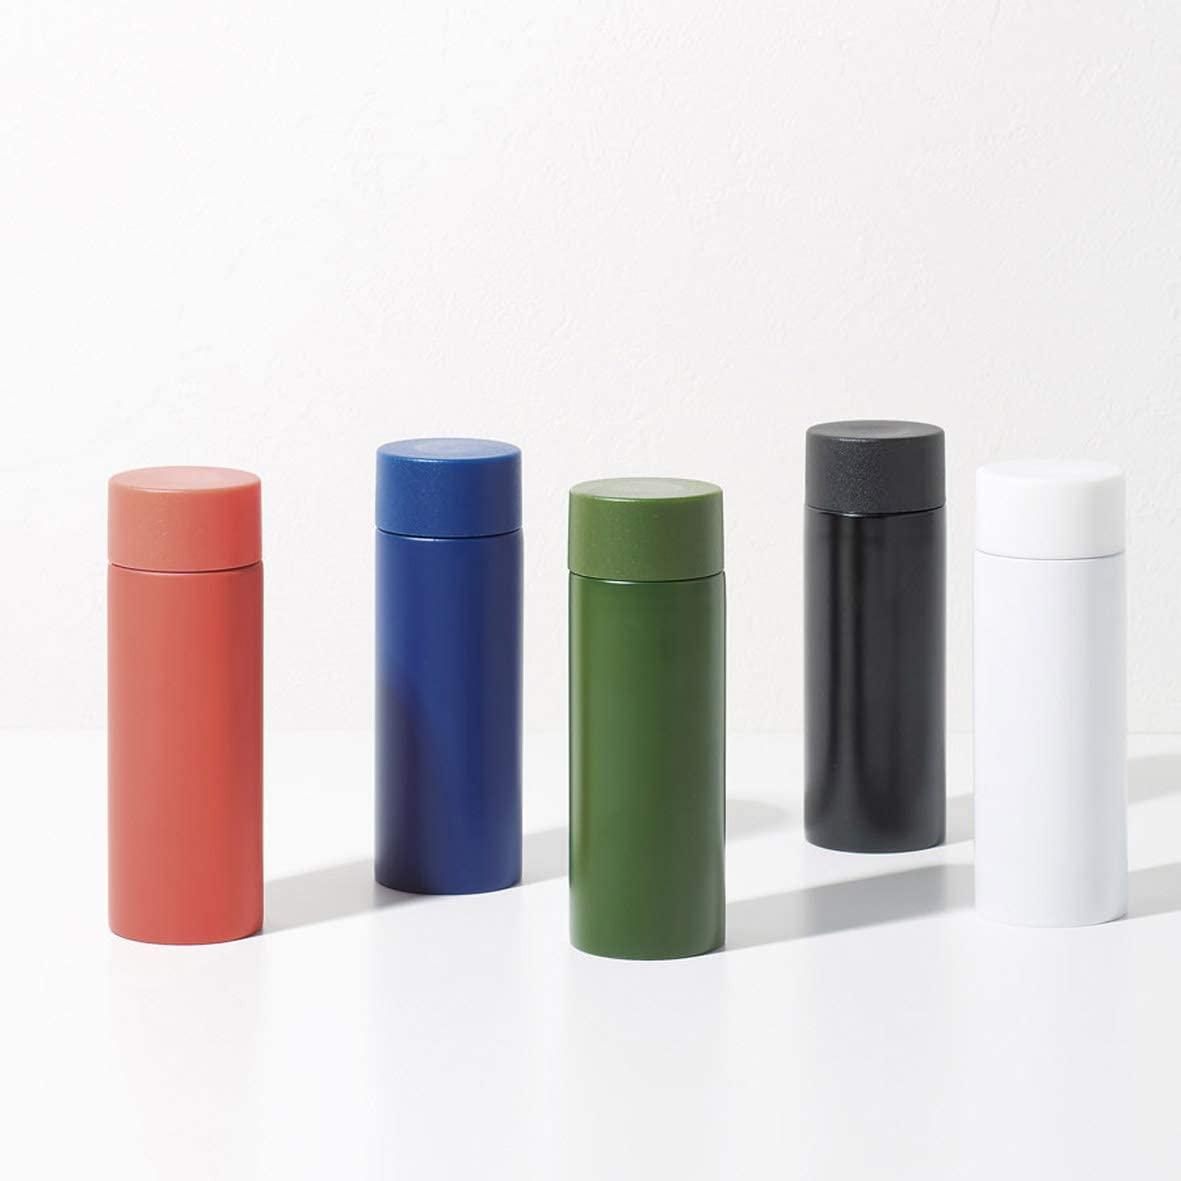 YOSHIYAMA(ヨシヤマ) ミニ ステンレスボトル 120mlの商品画像